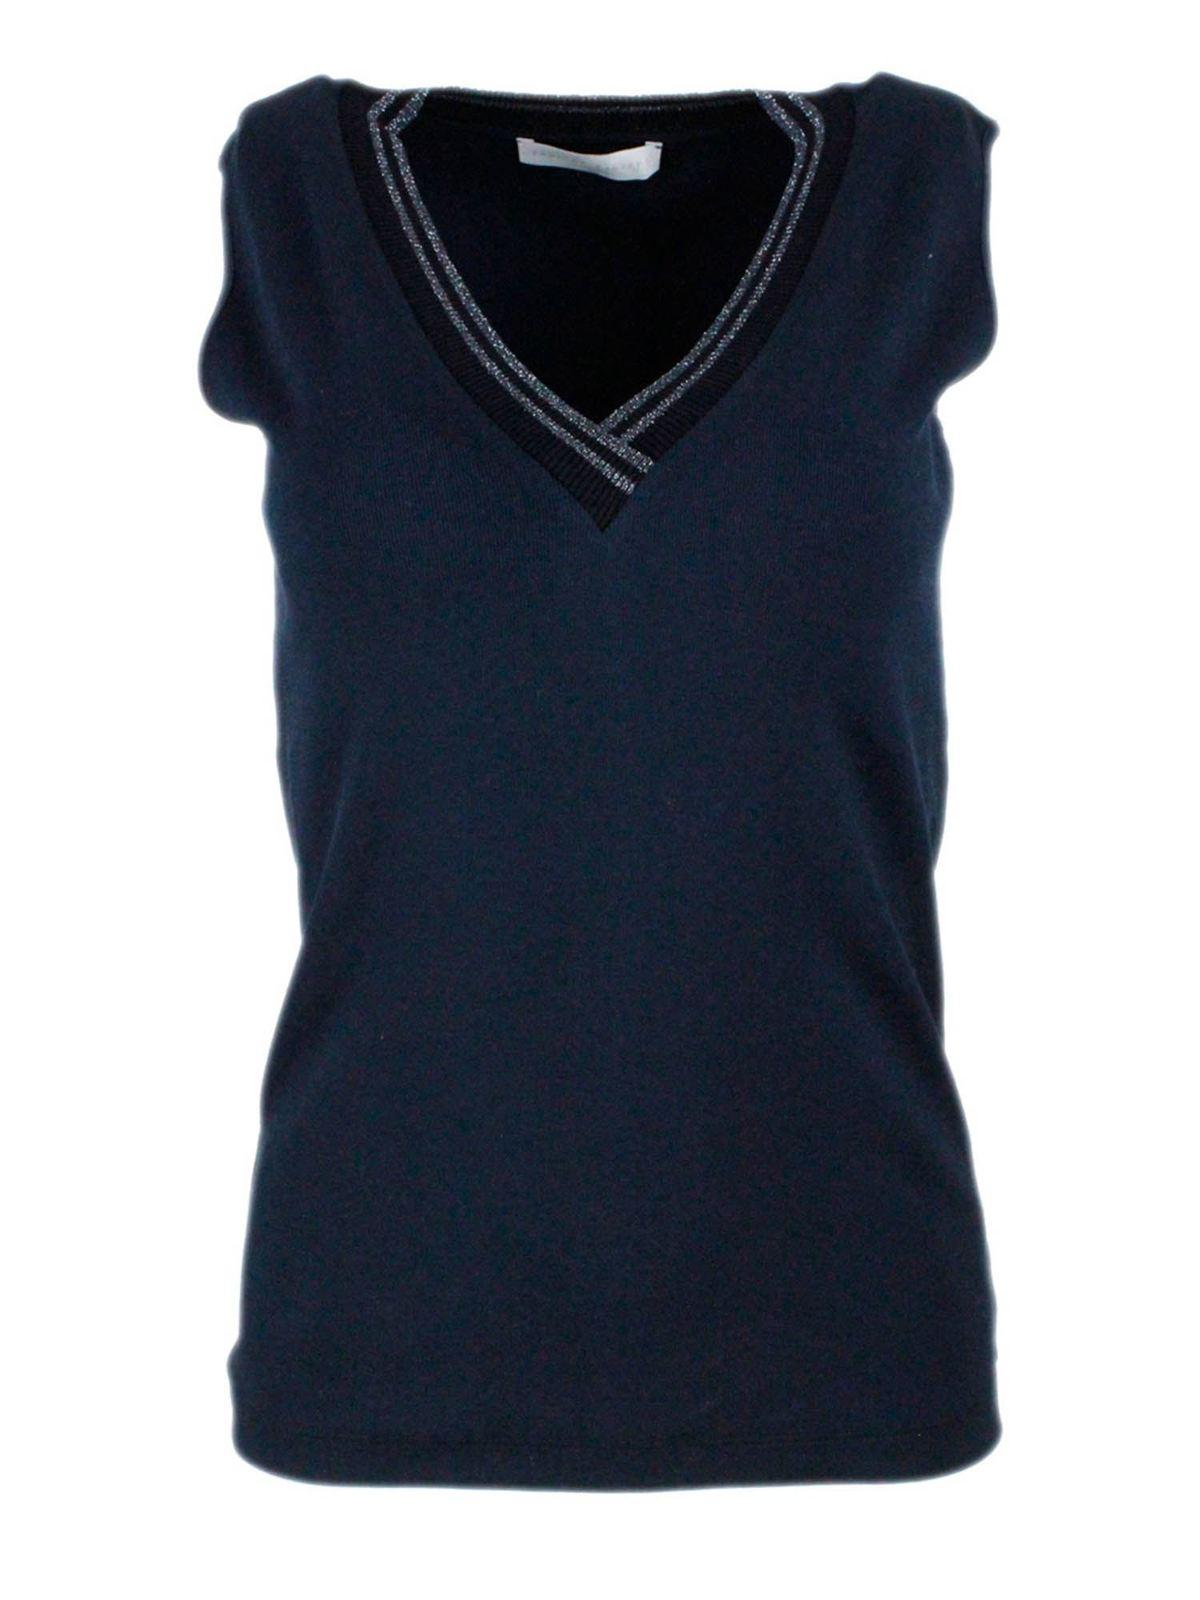 Fabiana Filippi Cottons LUREX KNITTED NECKLINE T-SHIRT IN BLUE